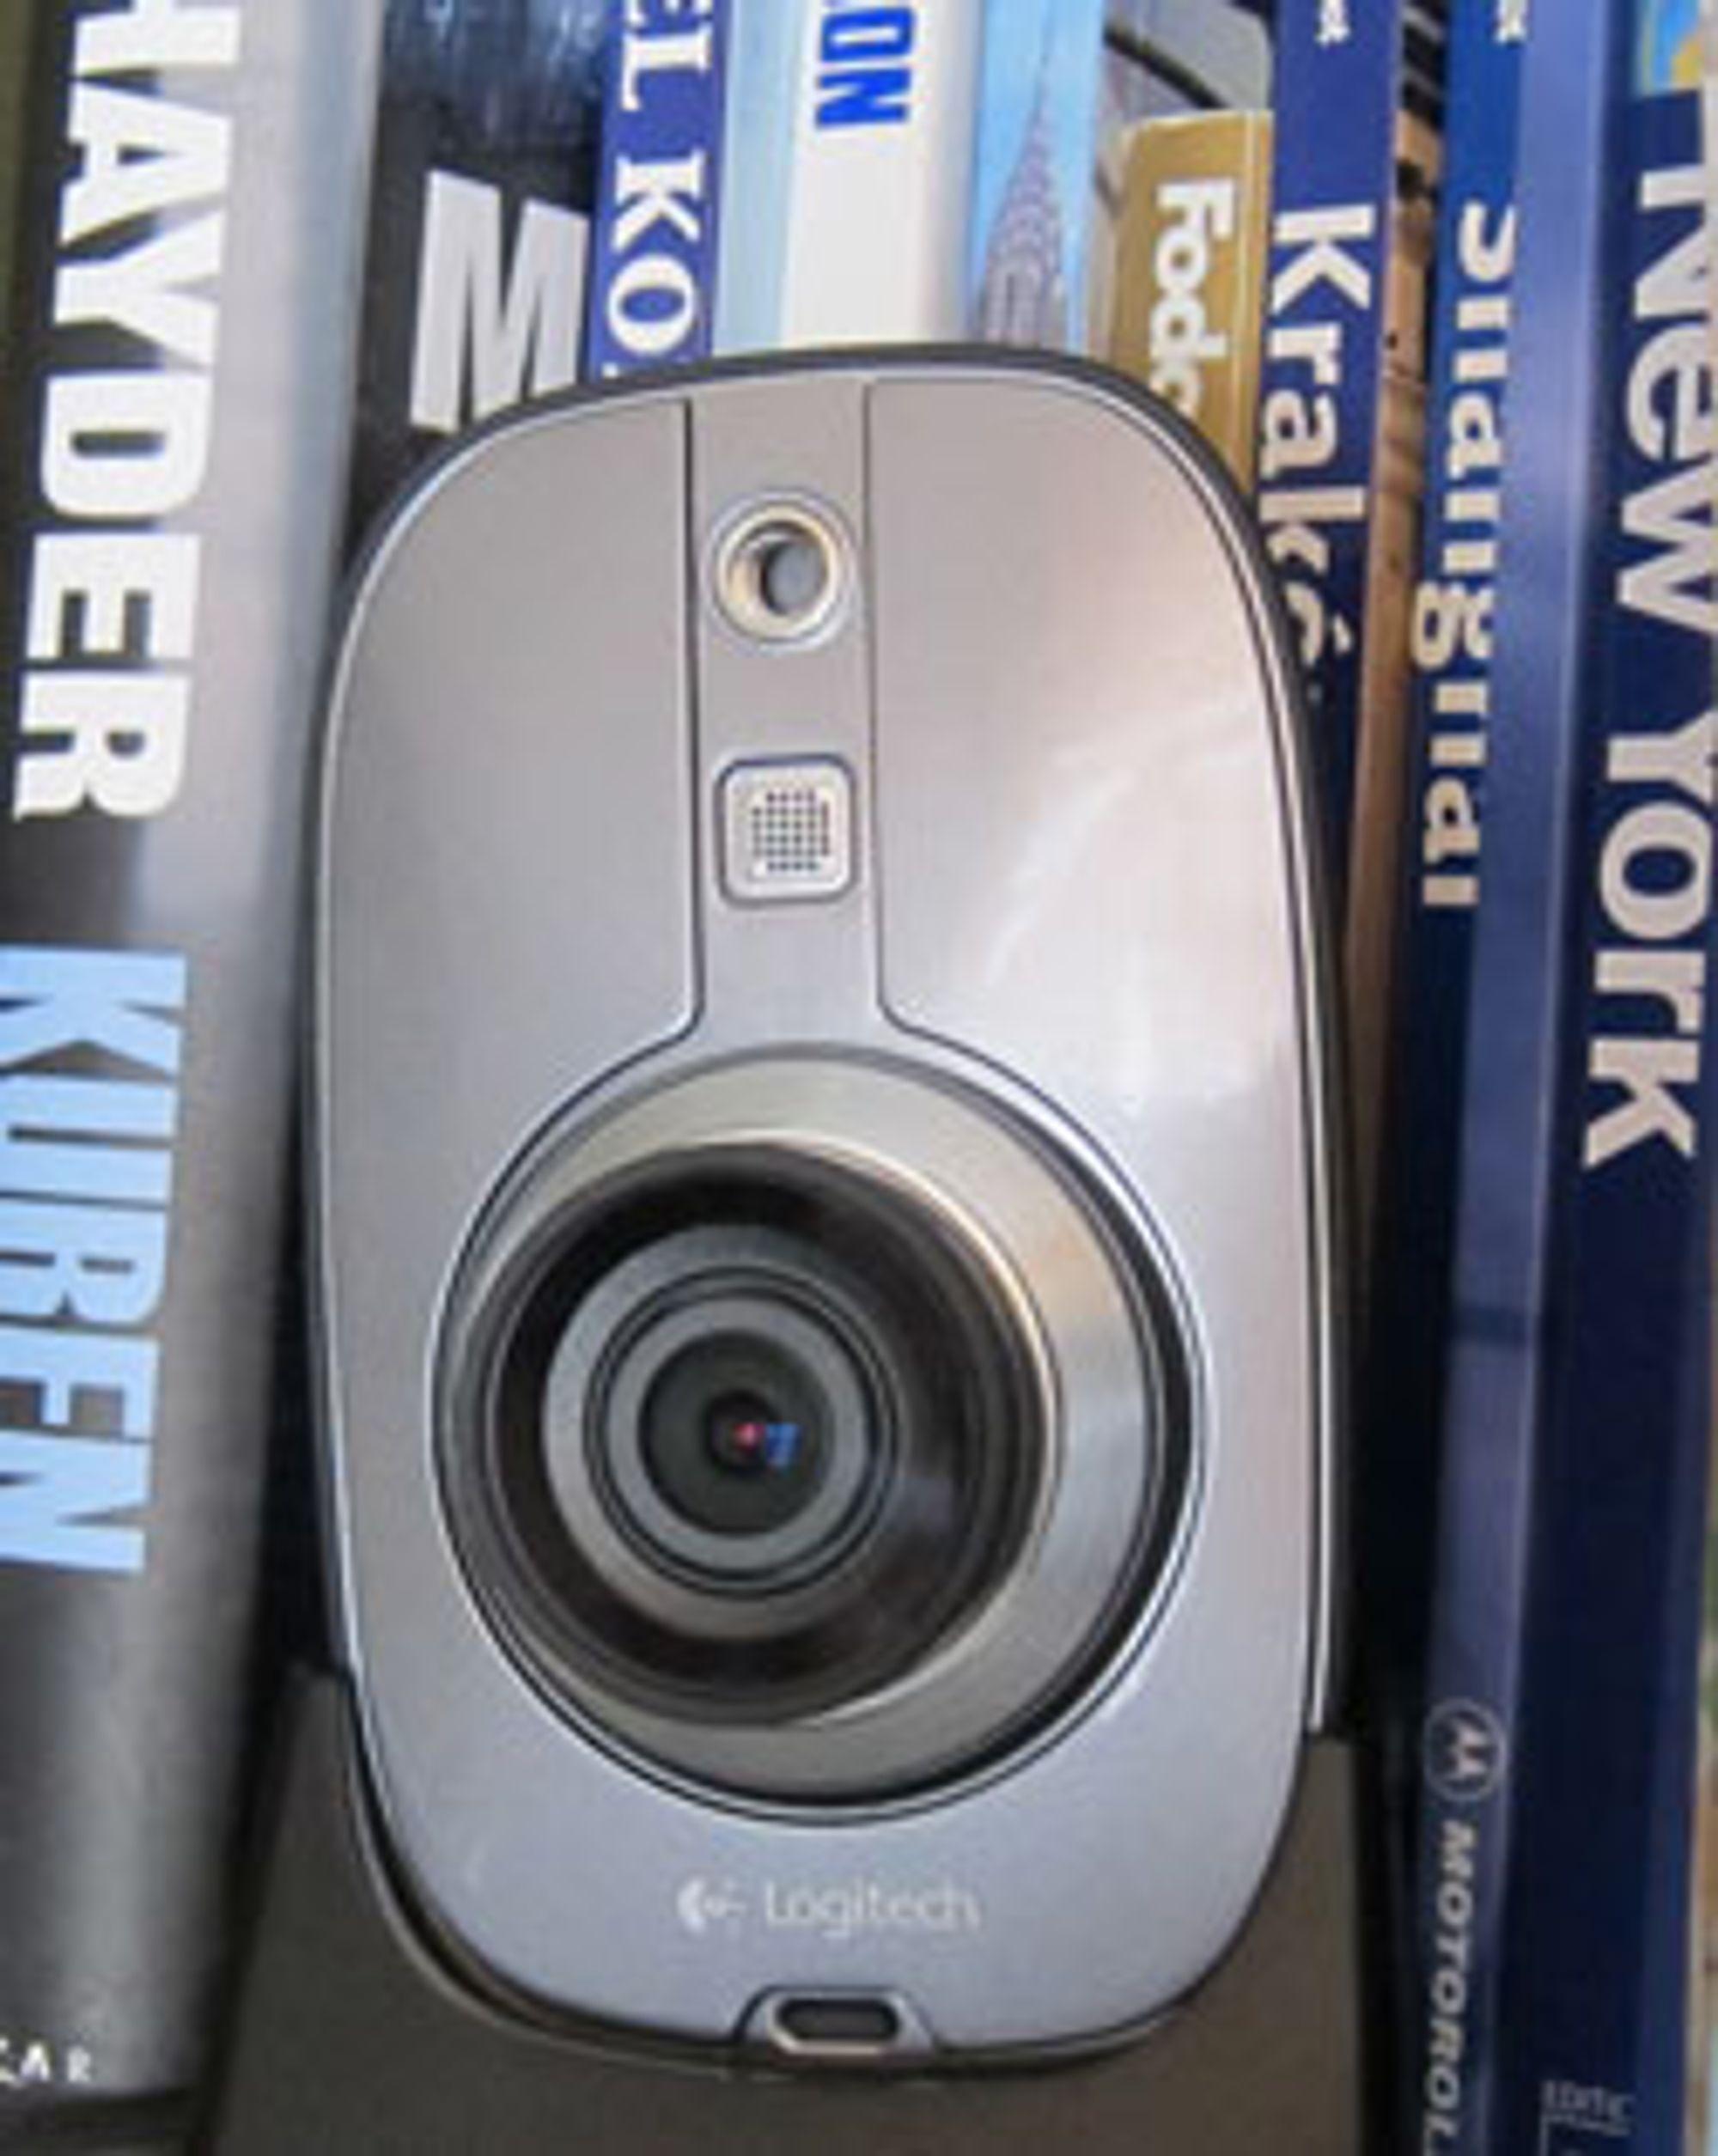 Innekameraet plasserte vi i en bokhylle. Det finnes ulike festebraketter for den som ønsker å skru kameraet opp på mer permanent basis.